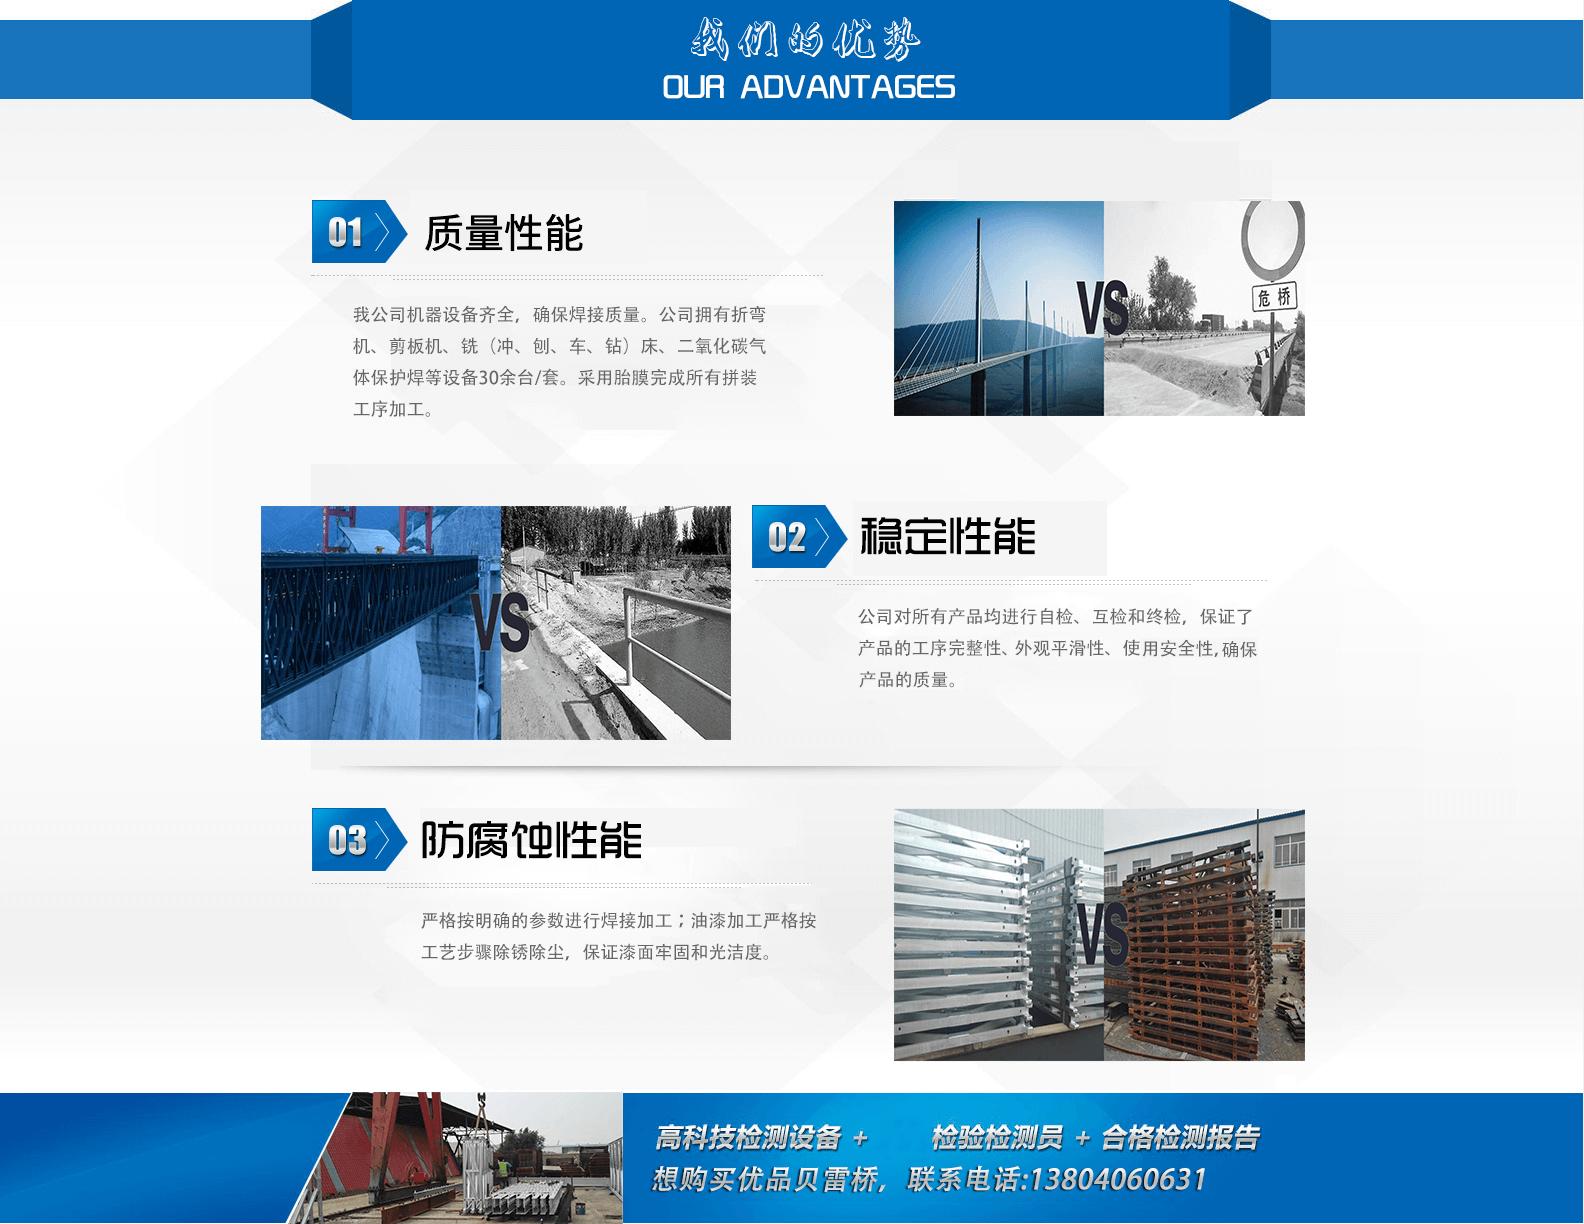 辽宁沈瑞钢结构有限公司是一家专业生产贝雷桥,贝雷片,贝雷架,装配式钢桥,模块式钢桥的民营企业。公司成经营范围:公路钢桥设备、制造、销售;钢桥材料的生产销售;进出口贸易等。